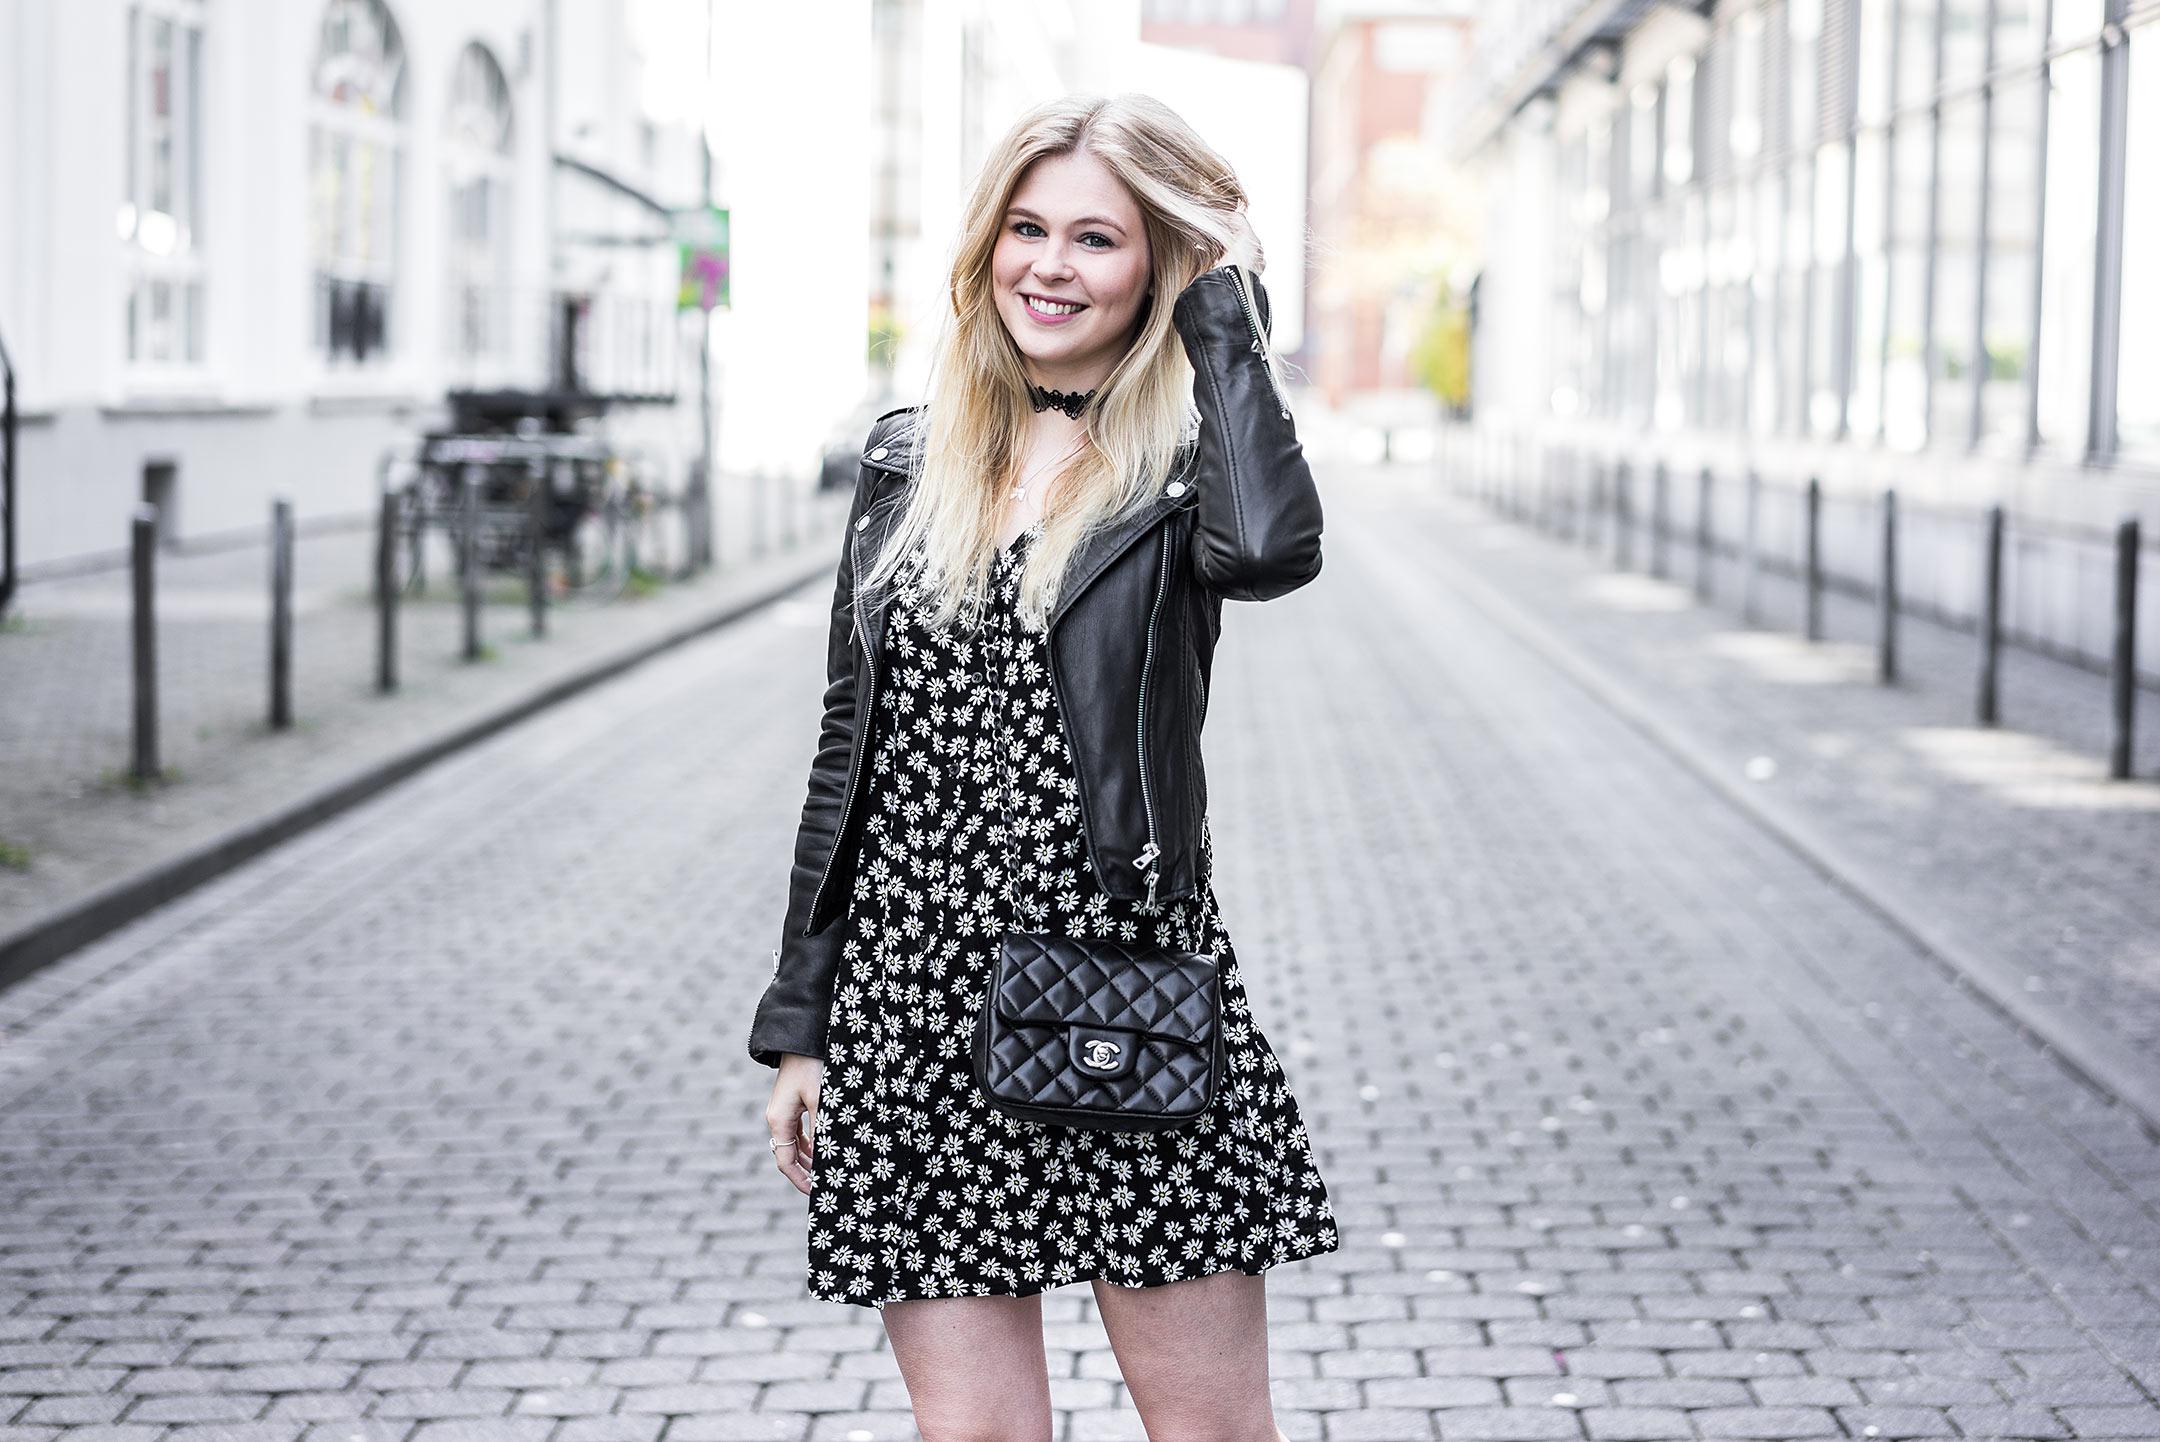 Kleid Blumenprint Fashionblog Sunnyinga Düsseldorf